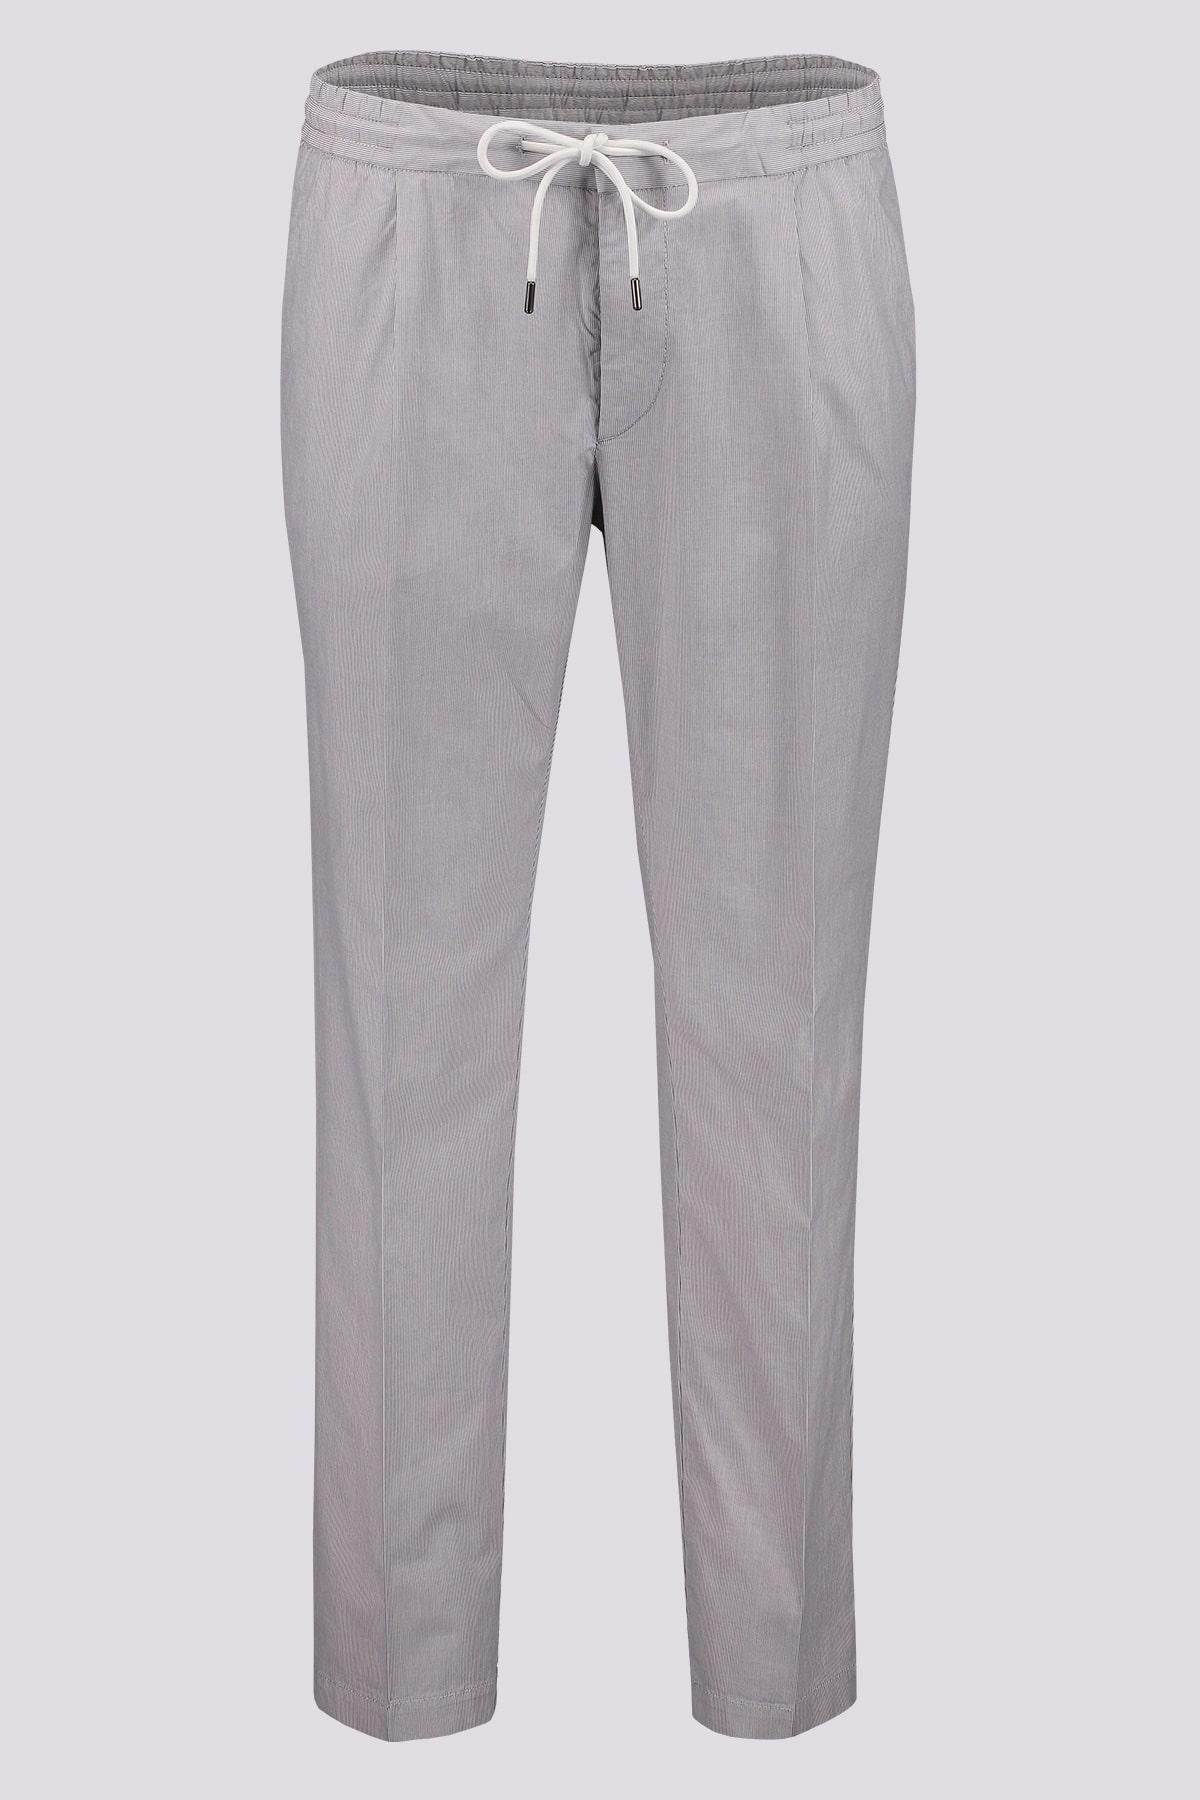 Pantalones marca BOSS slim fit en algodón elástico estructurado